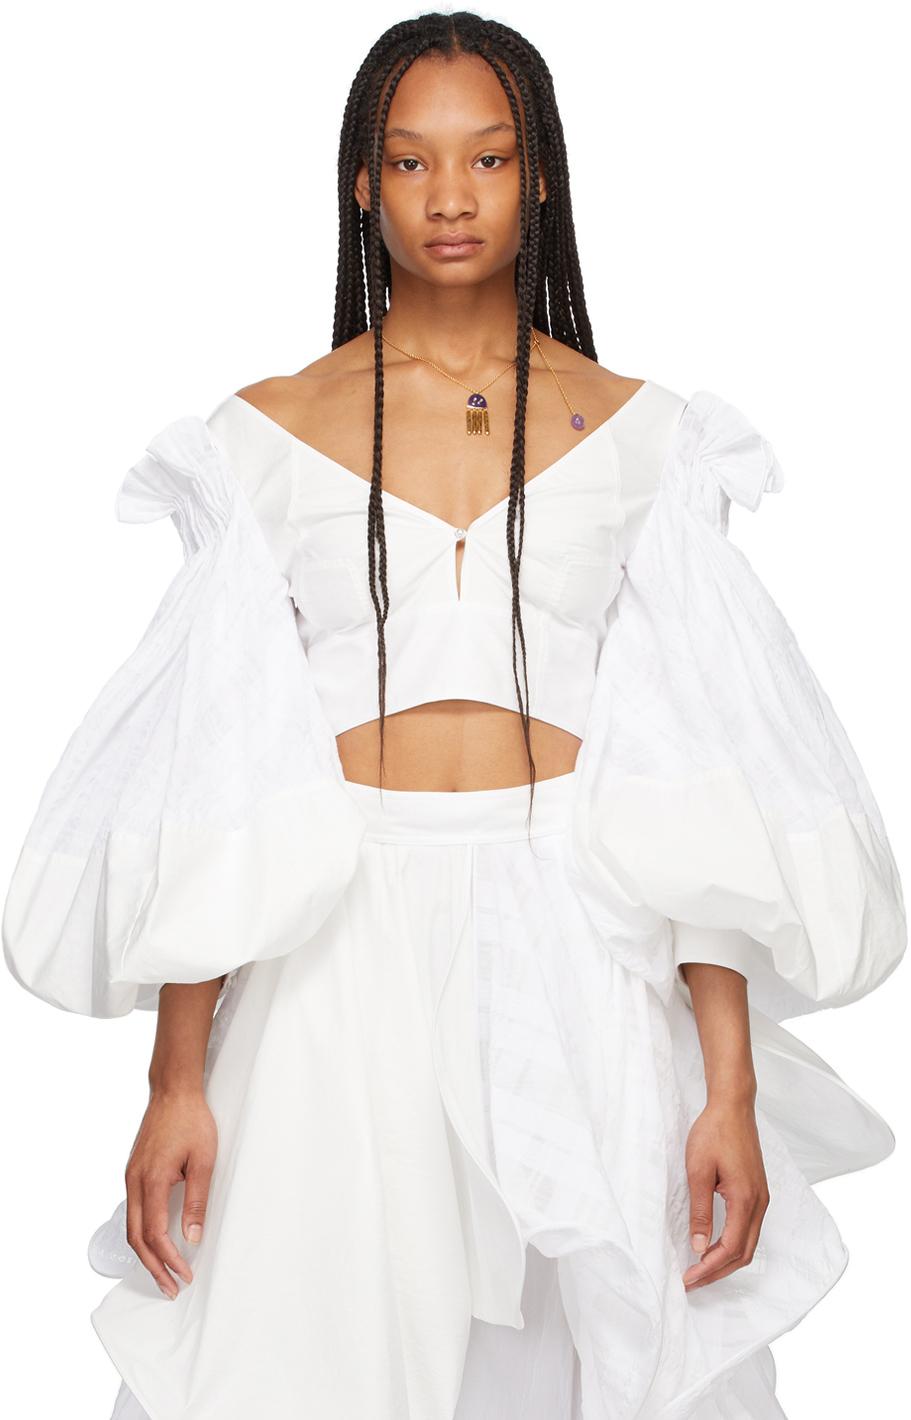 Loewe 白色灯笼袖上装